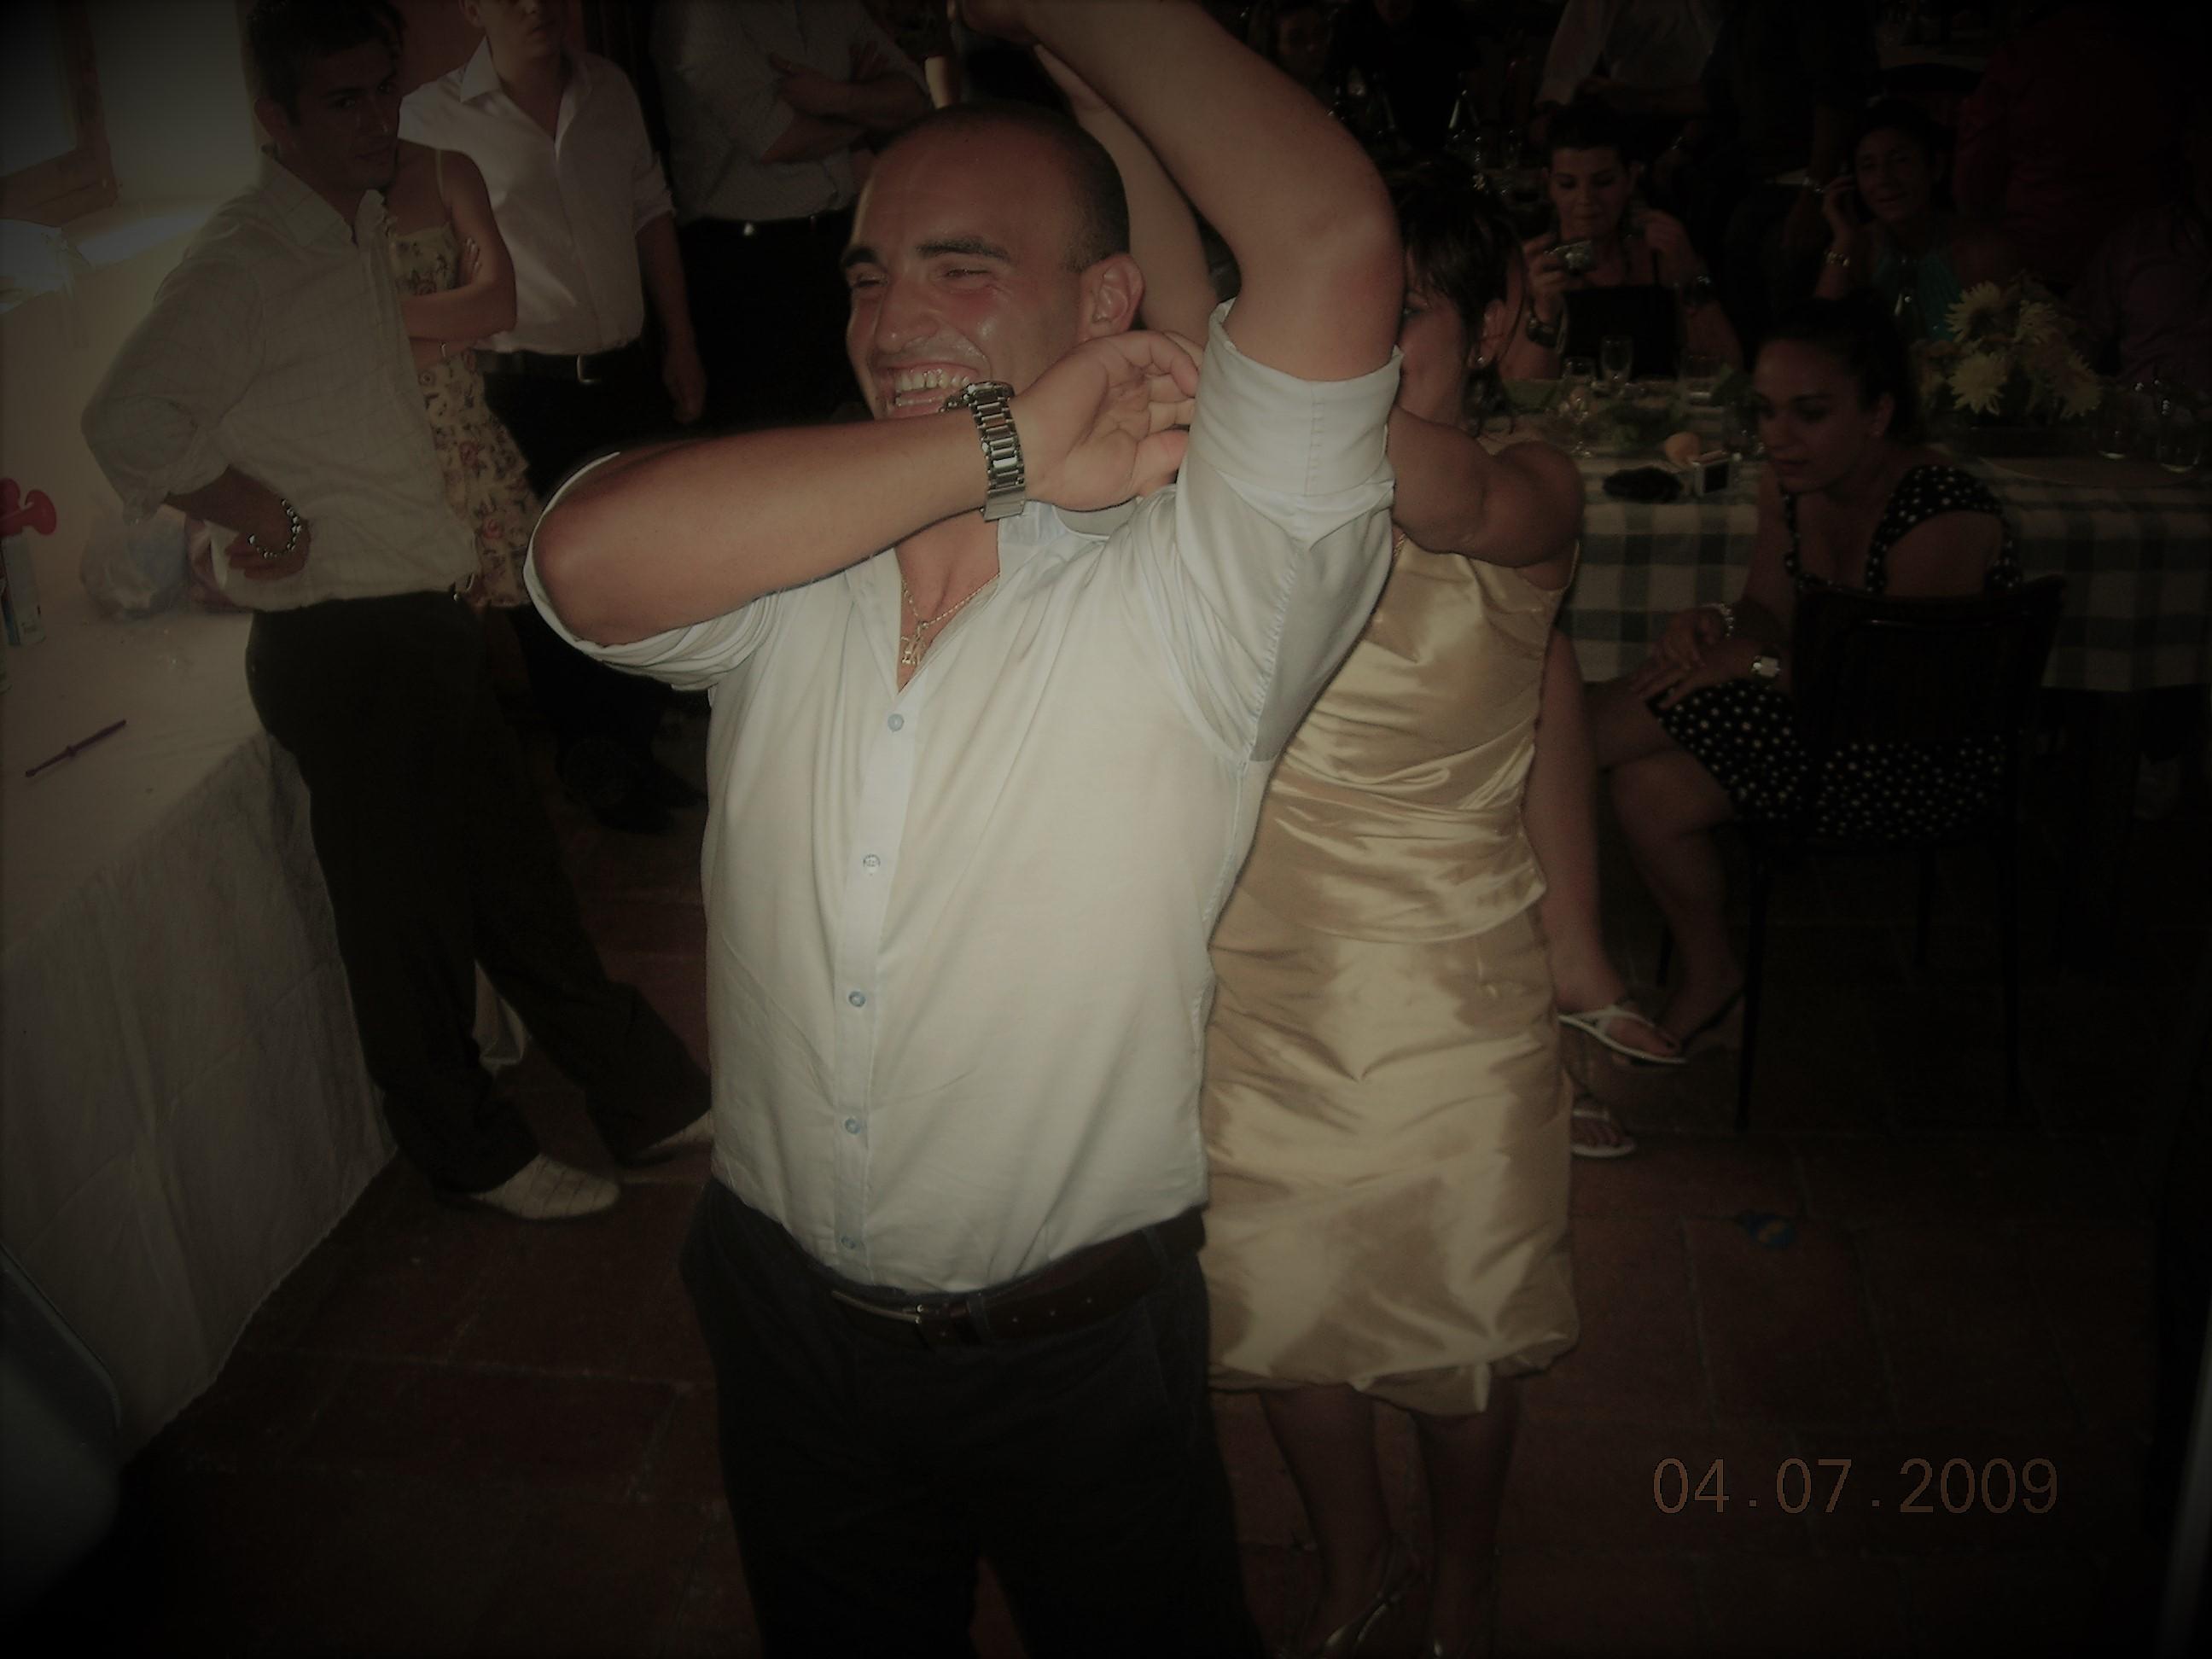 Oscar e Emanuela 04.07.2009 - 101.JPG